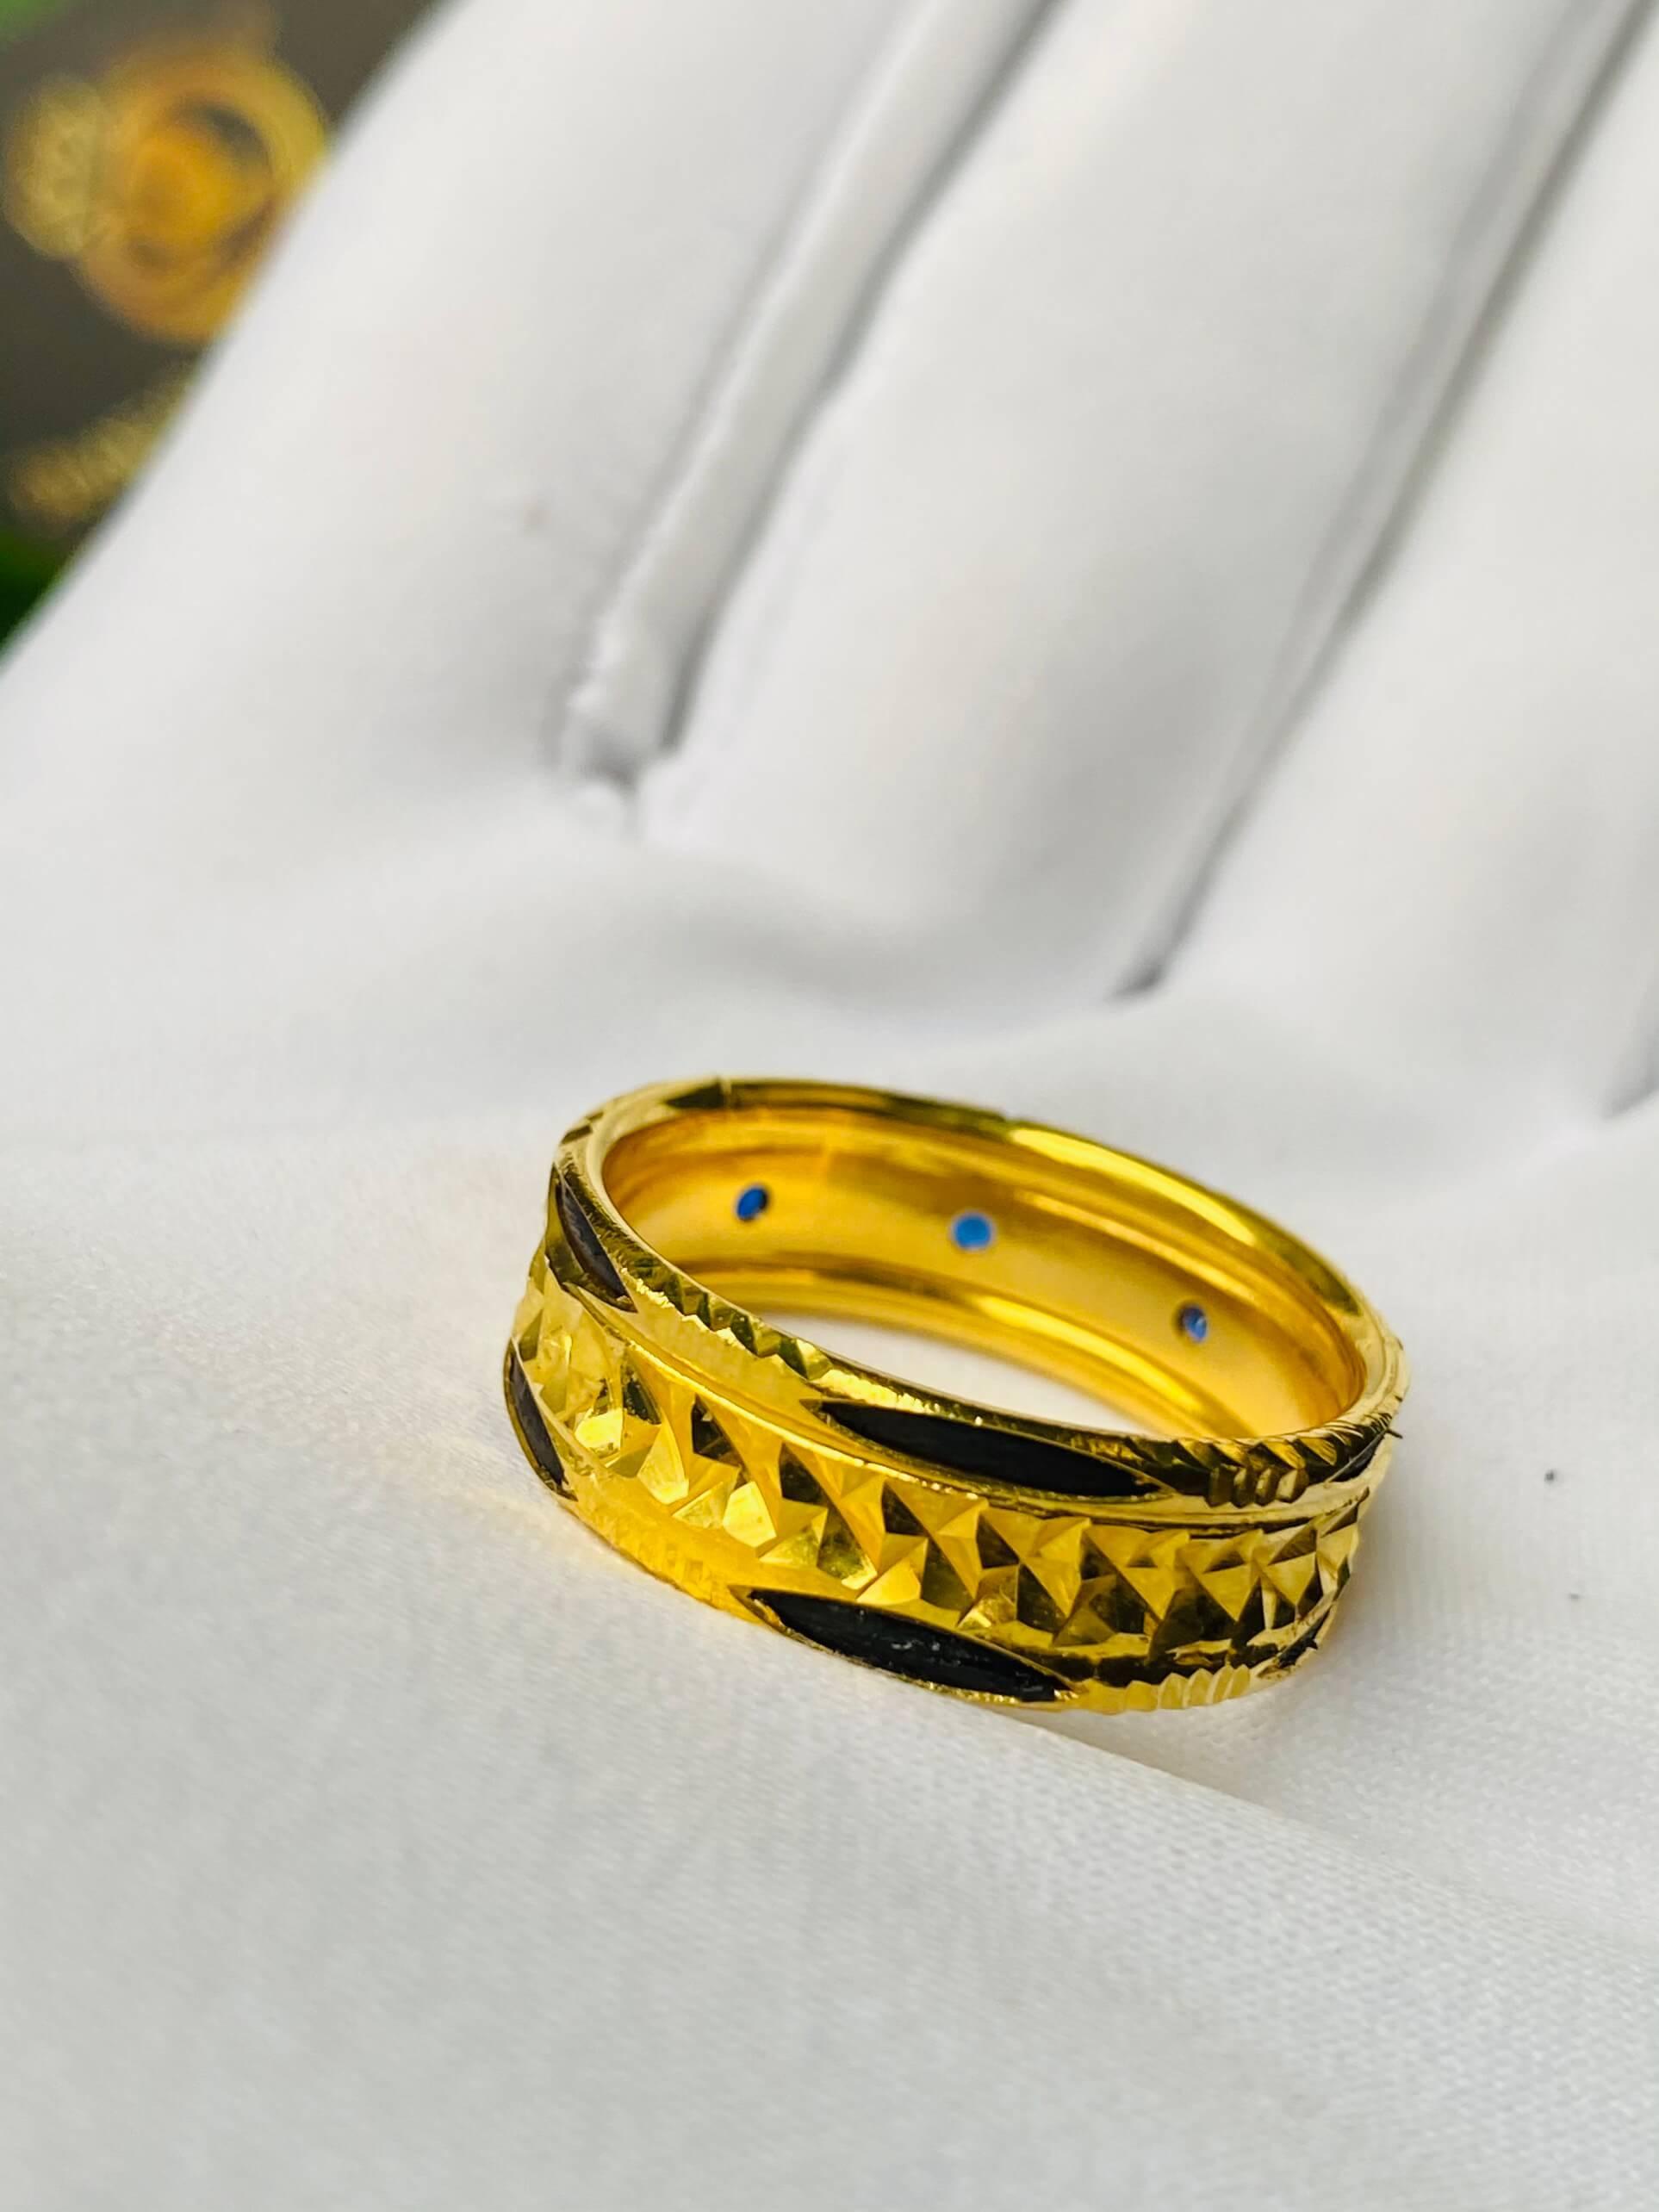 Nhẫn phong thủy nam nữ 3 viên đá xanh có giá trị cao